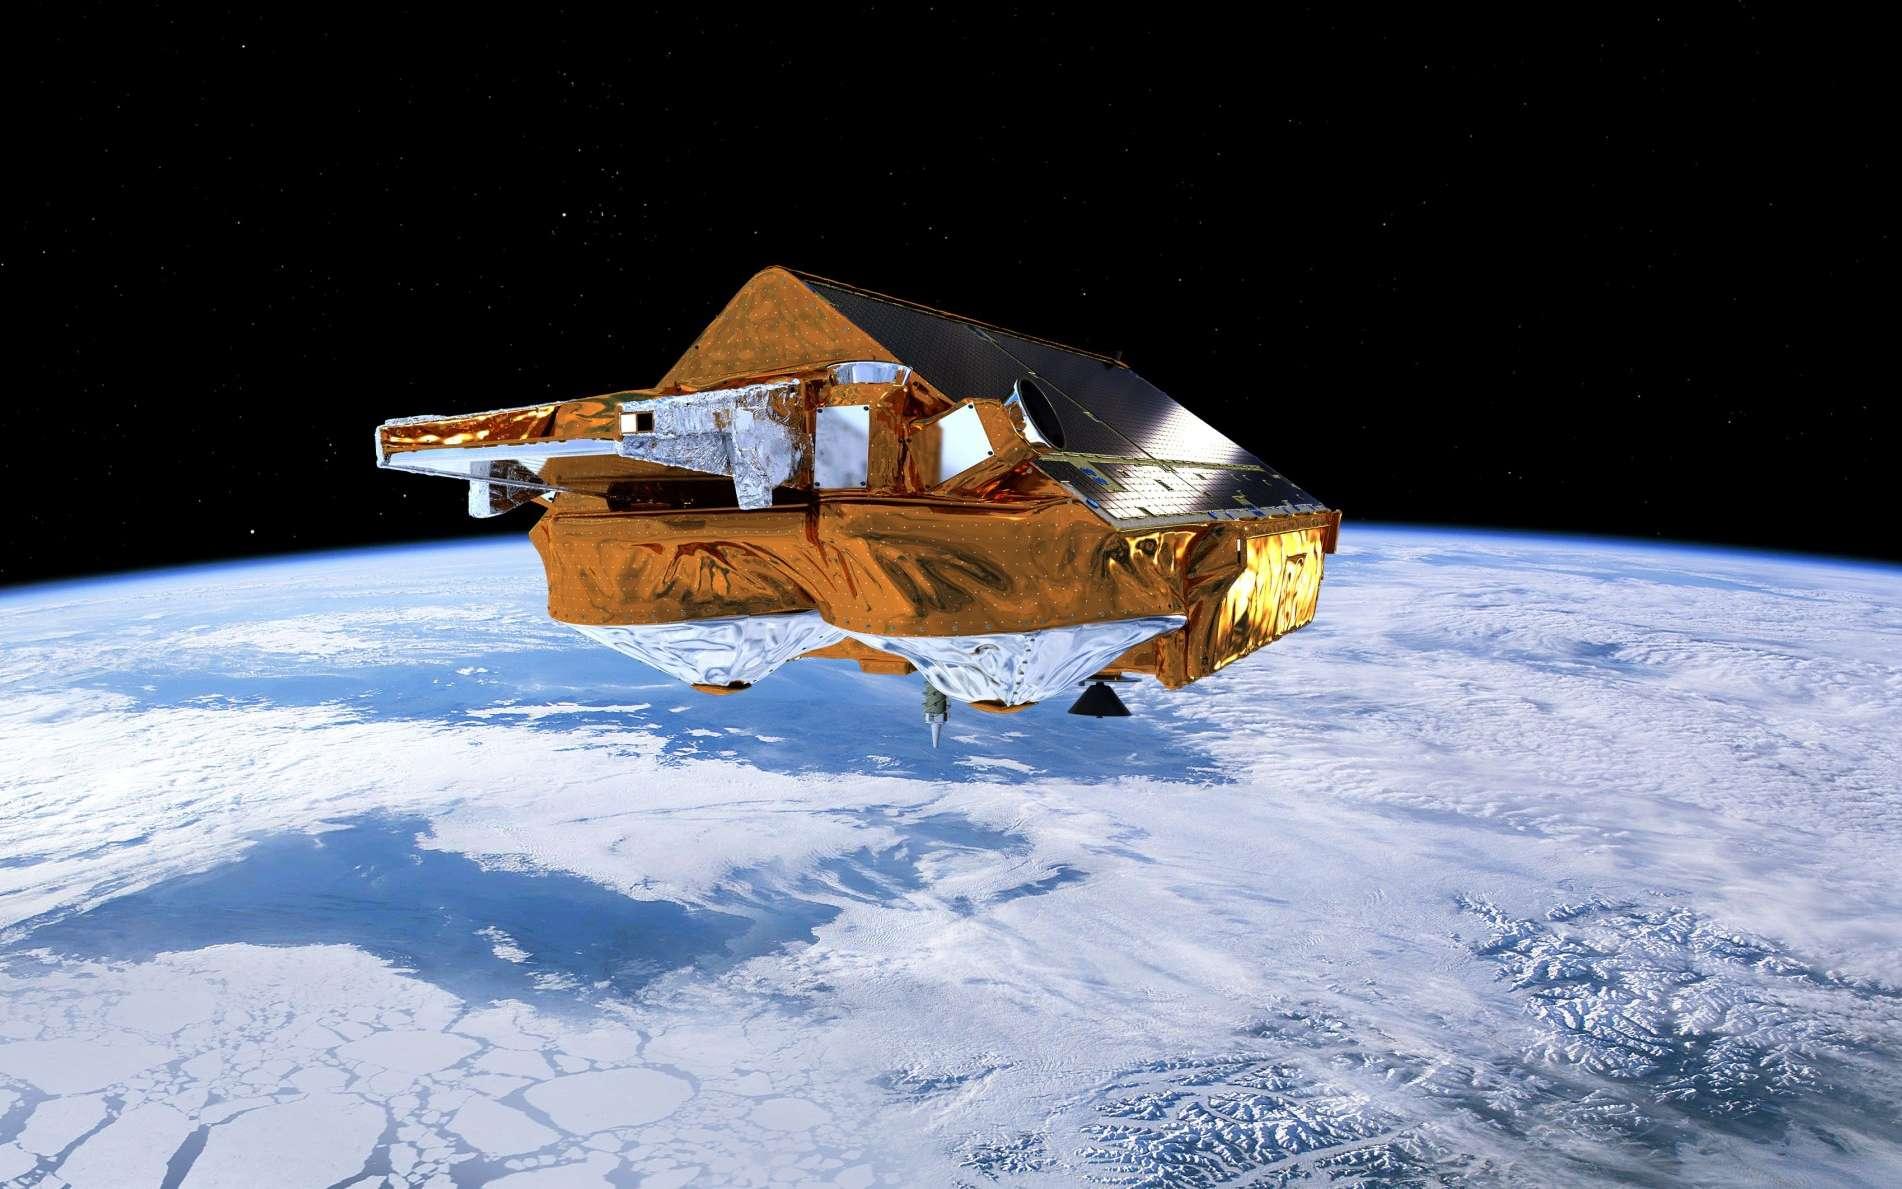 La mission principale du satellite CryoSat de l'Esa est d'étudier à partir d'une orbite polaire basse les glaces de l'Arctique et de l'Antarctique, et surtout de surveiller l'évolution de leur épaisseur. Il fournit donc des données sur le changement climatique. L'instrument principal du satellite est un radar altimétrique. © Esa, AOES Medialab